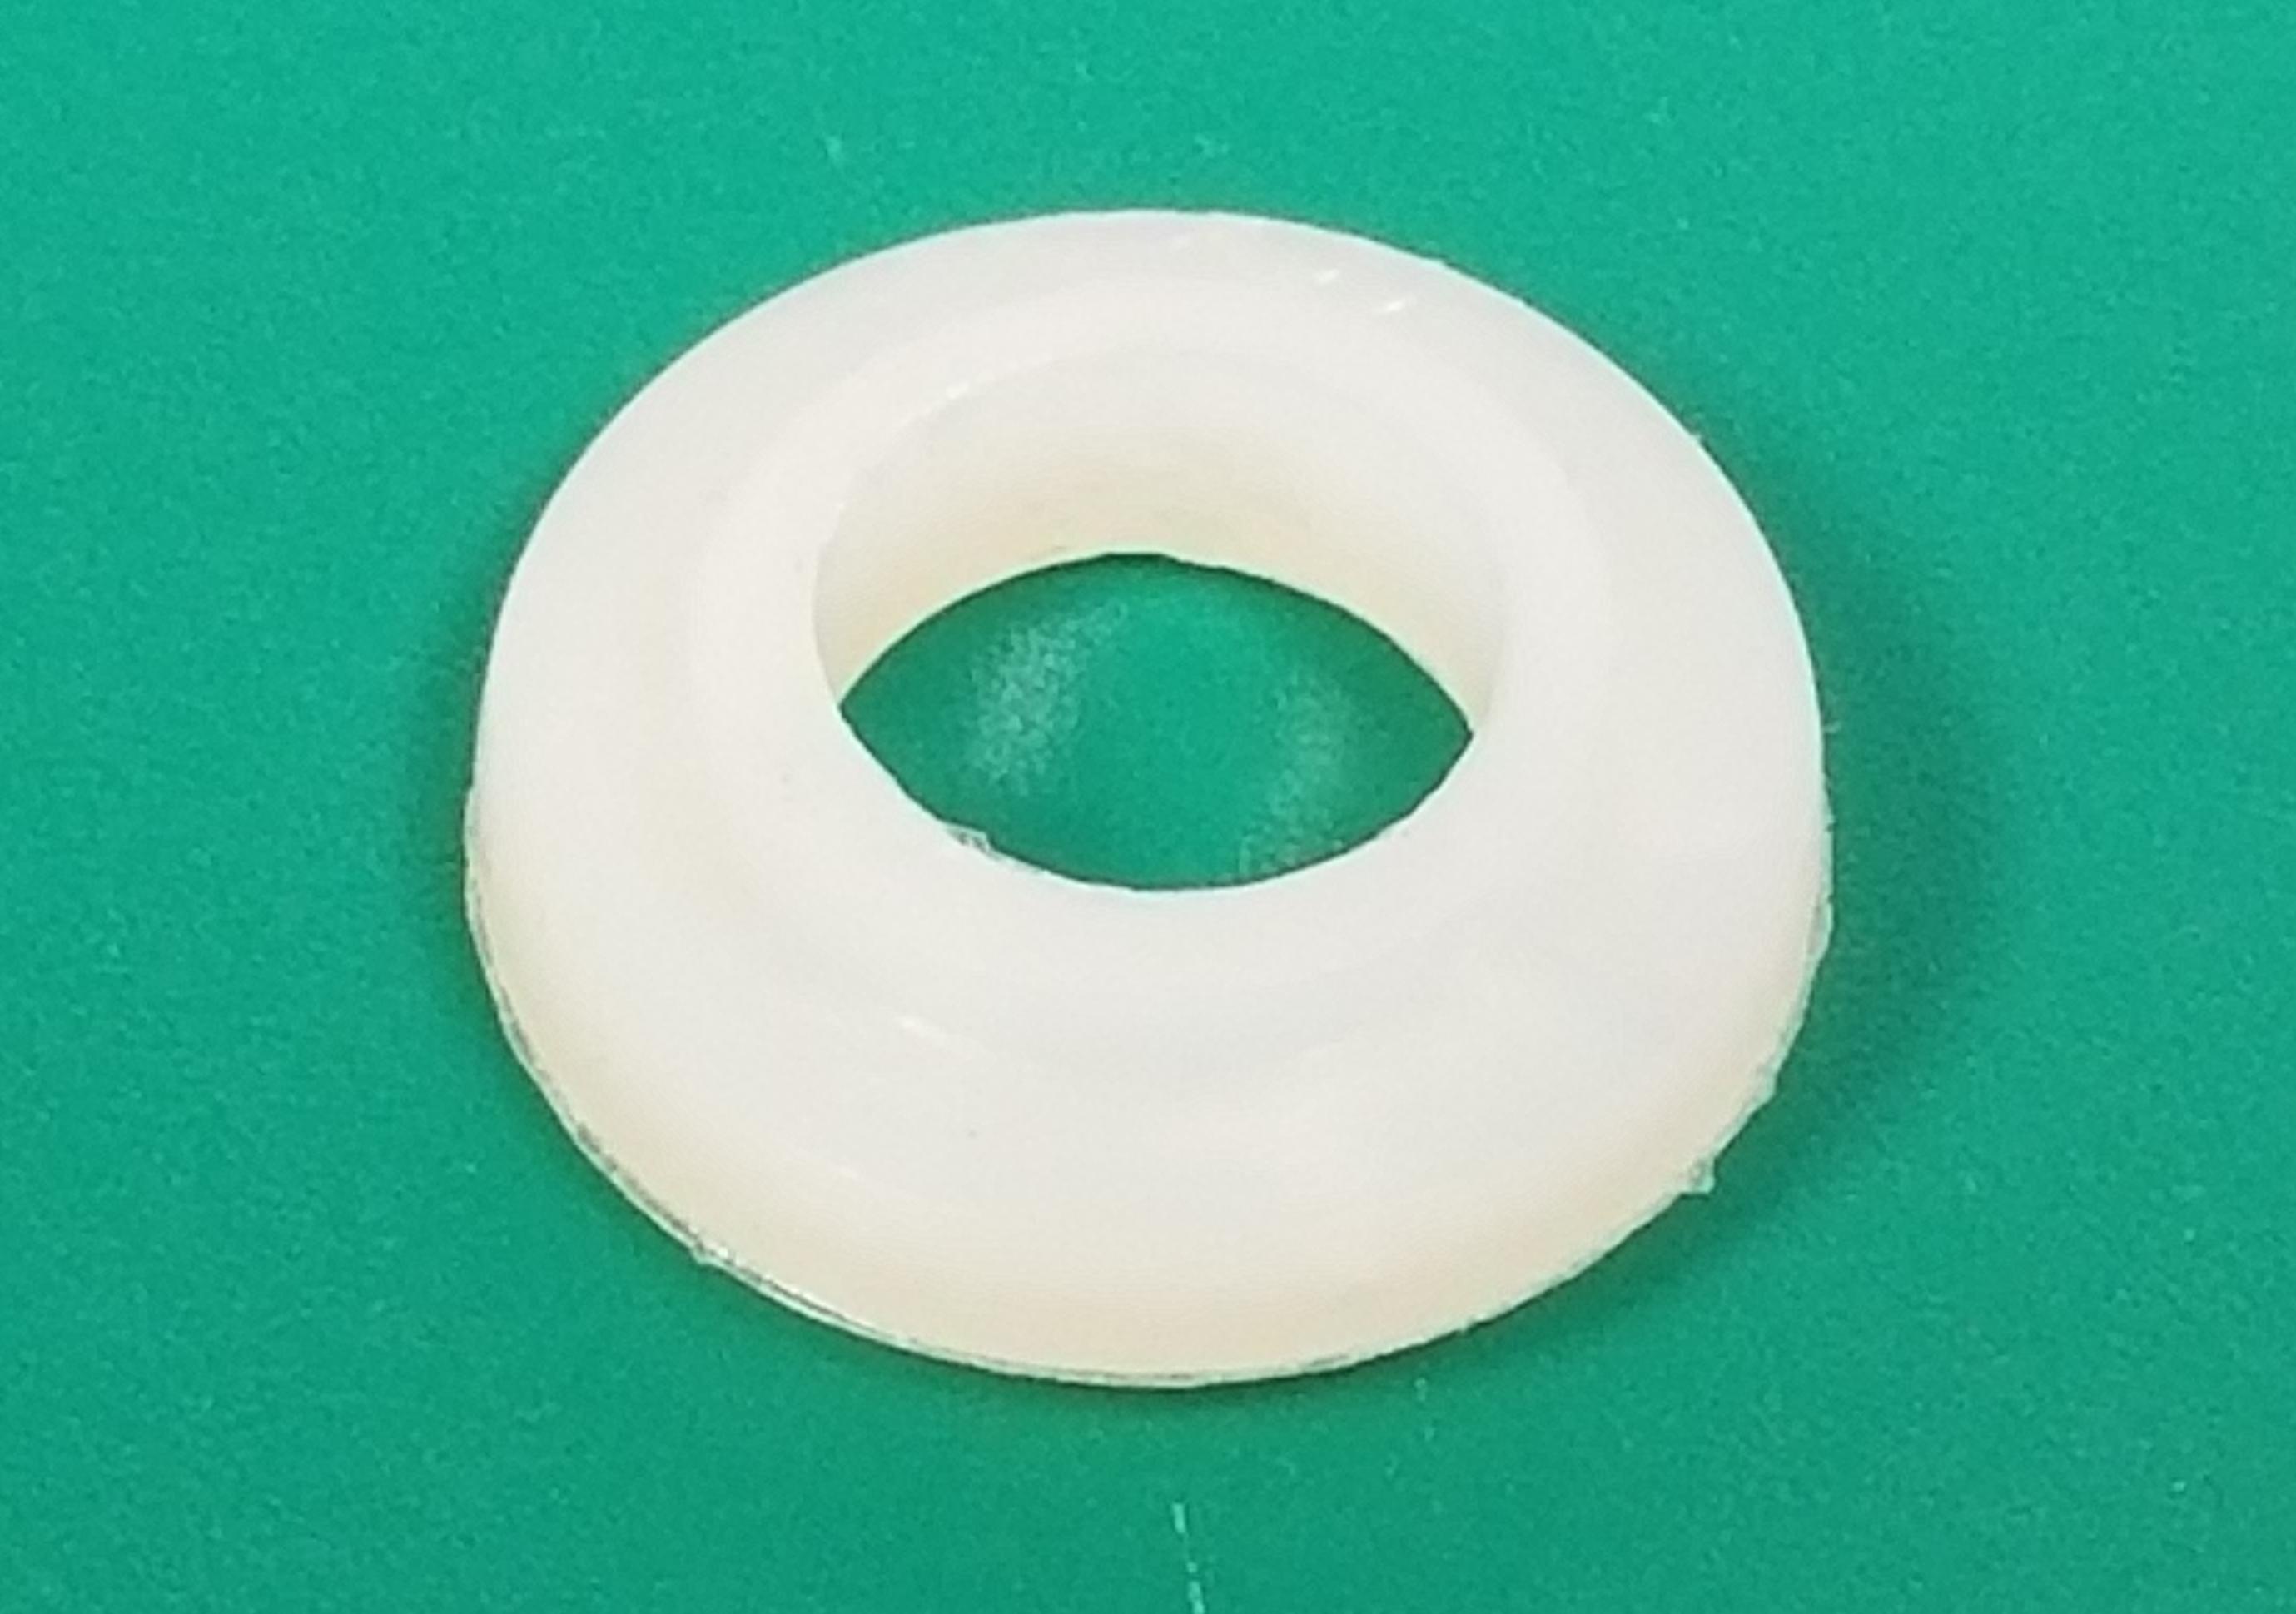 NYLON WASHERS - 100 Pc Nylon Washers